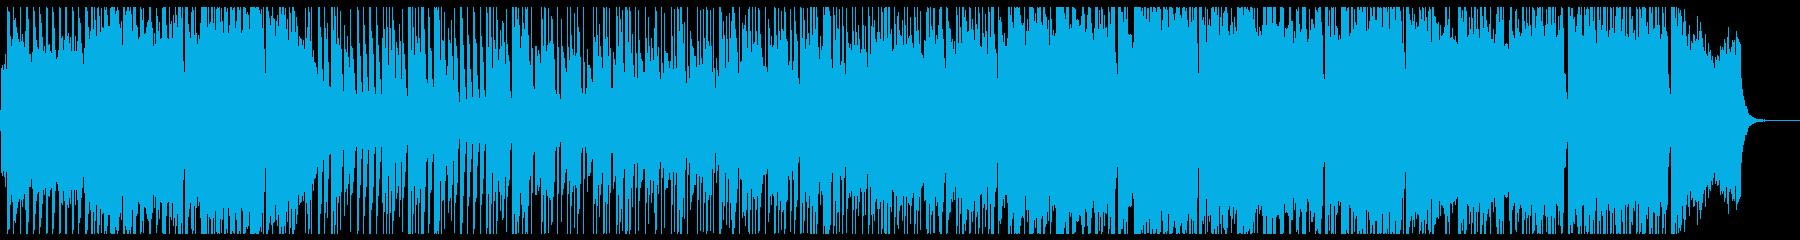 アニメチックな前向きなストリングスポップの再生済みの波形